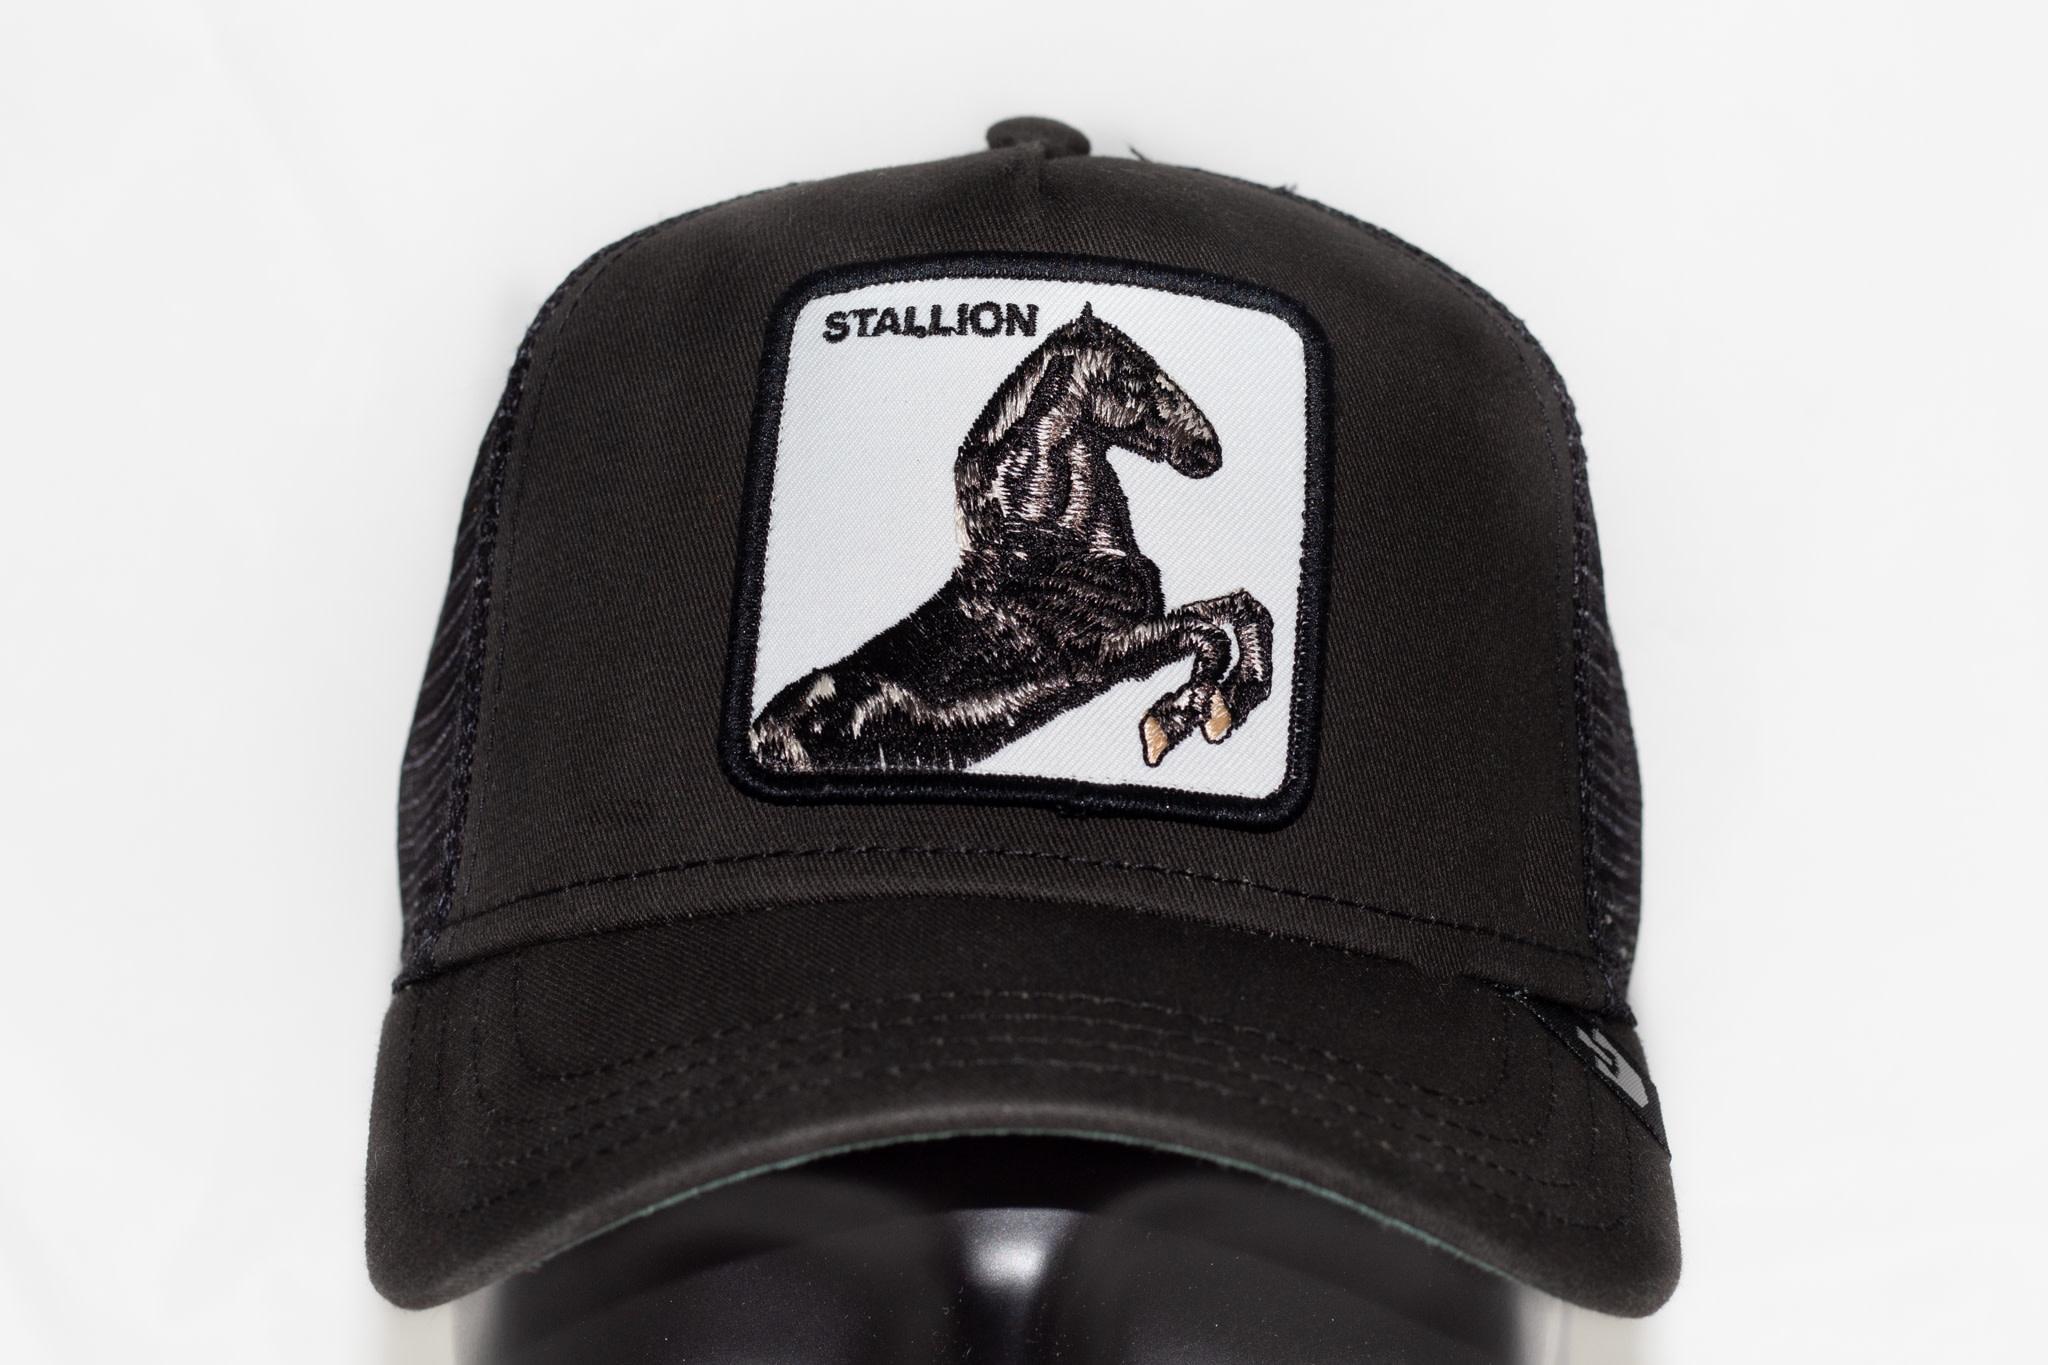 GOORIN BROS Stallion Black